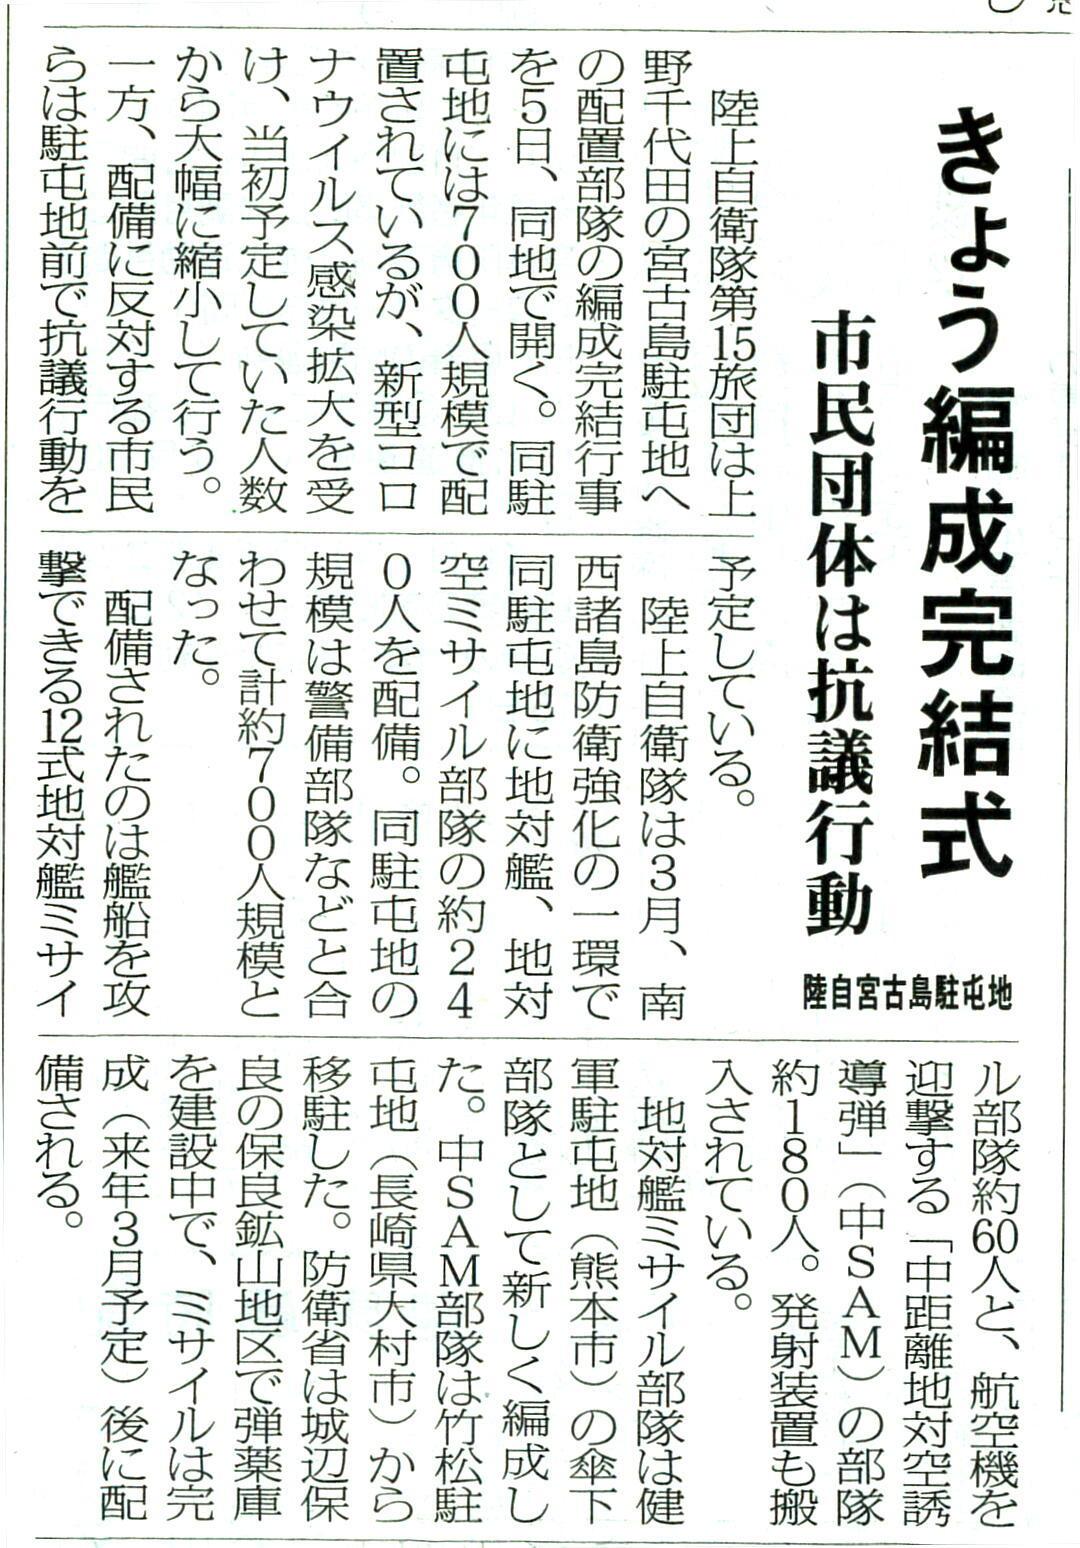 miyakomainichi2020 04051